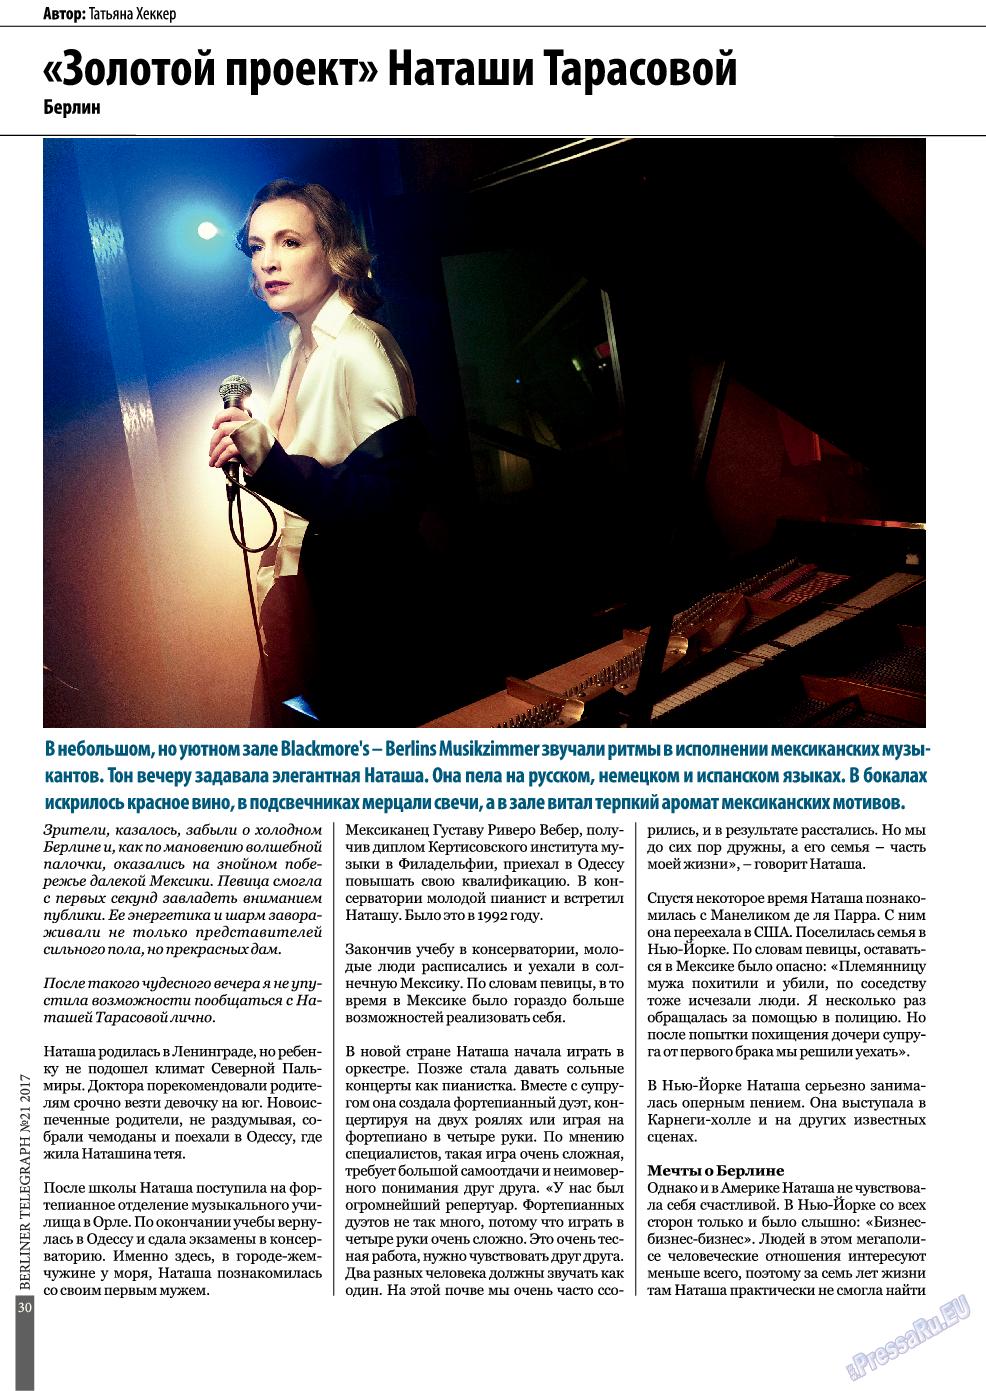 Берлинский телеграф (журнал). 2017 год, номер 21, стр. 30